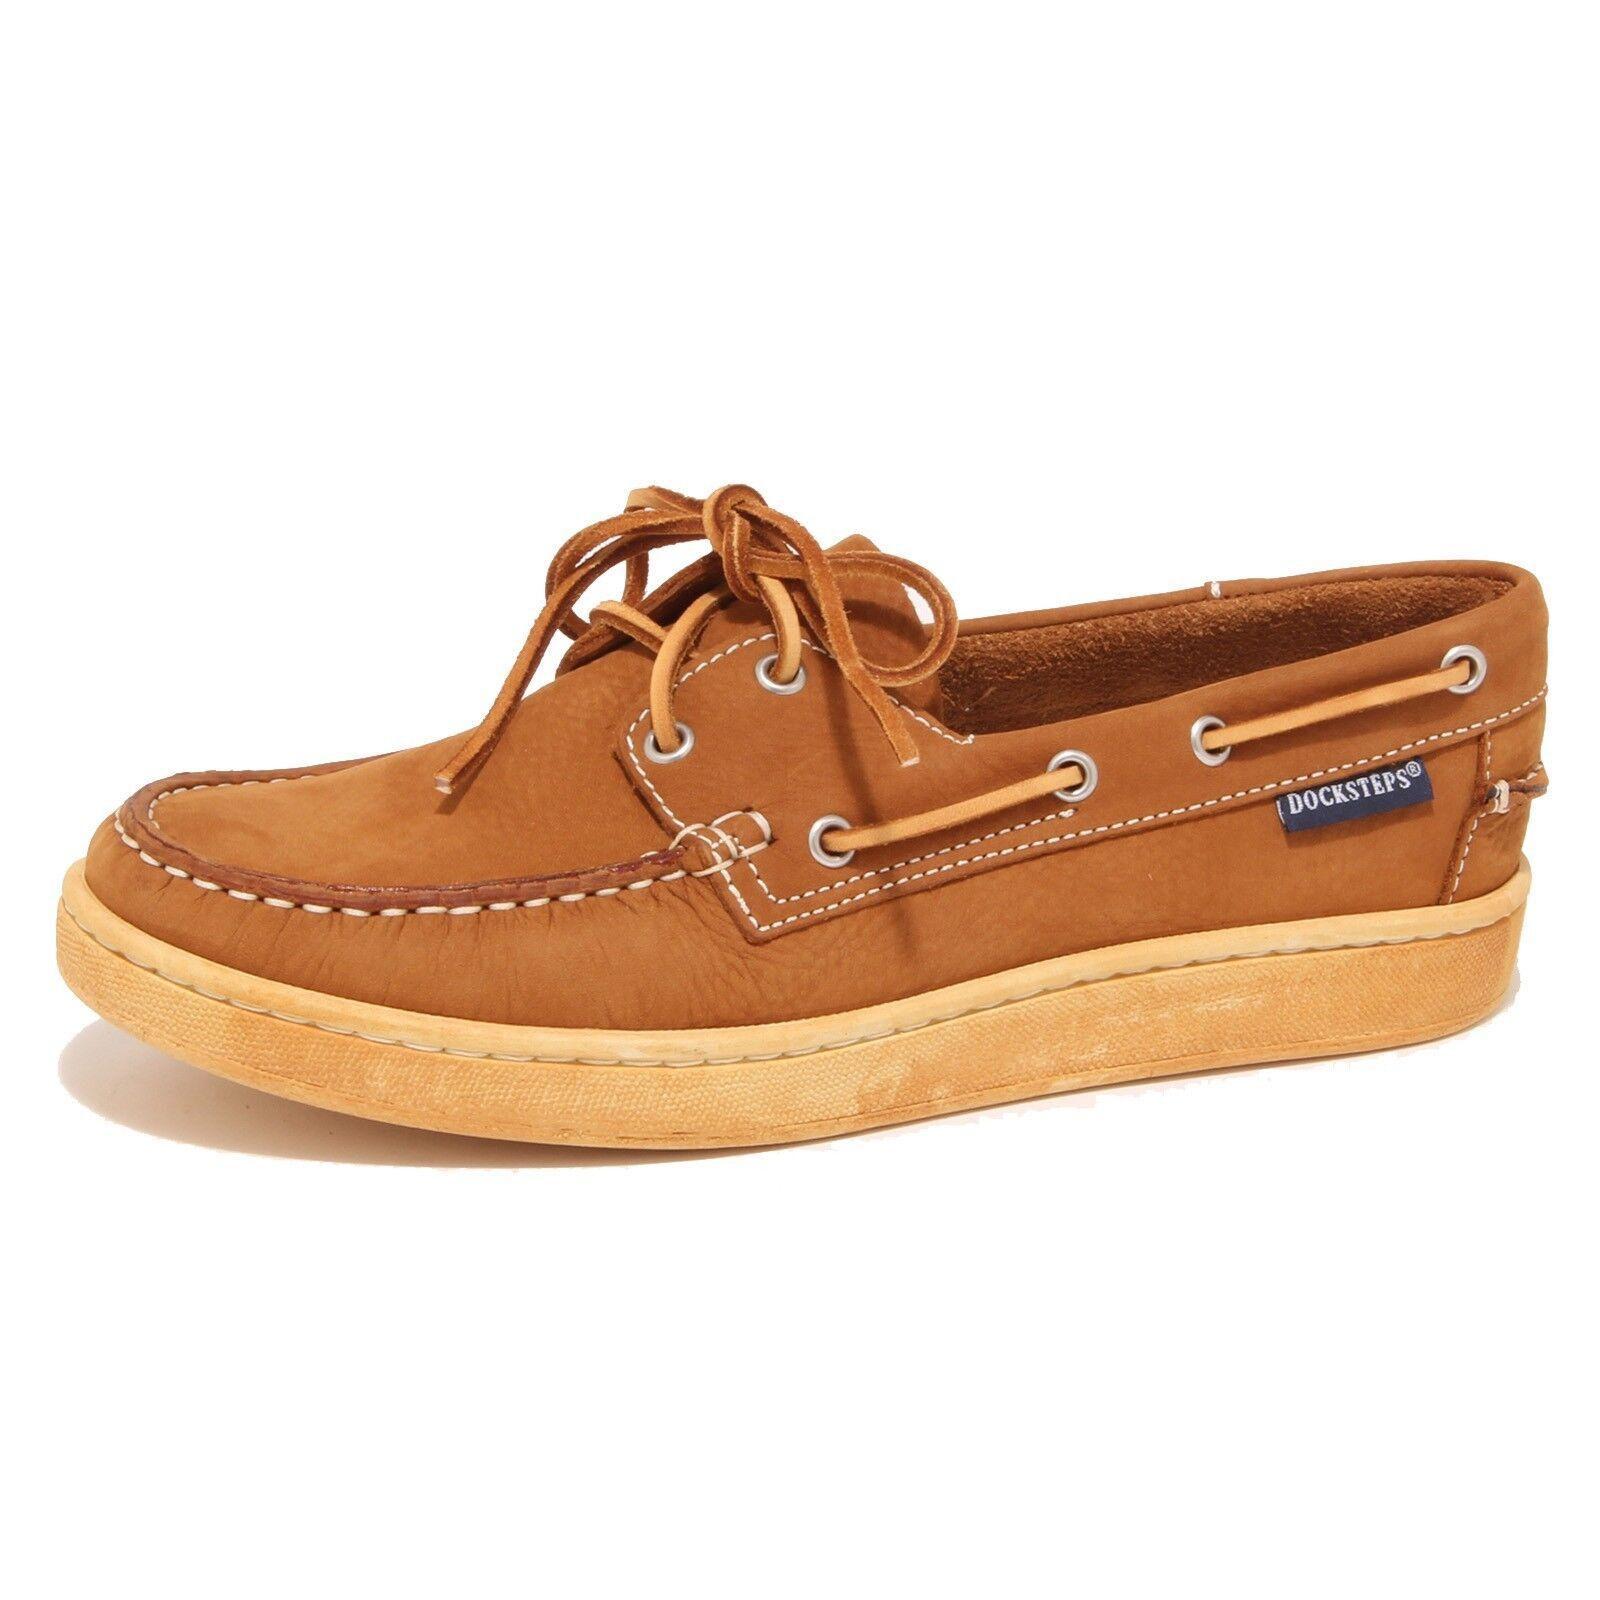 9329O mocassino DOCKSTEPS marrone chiaro scarpa uomo shoe men